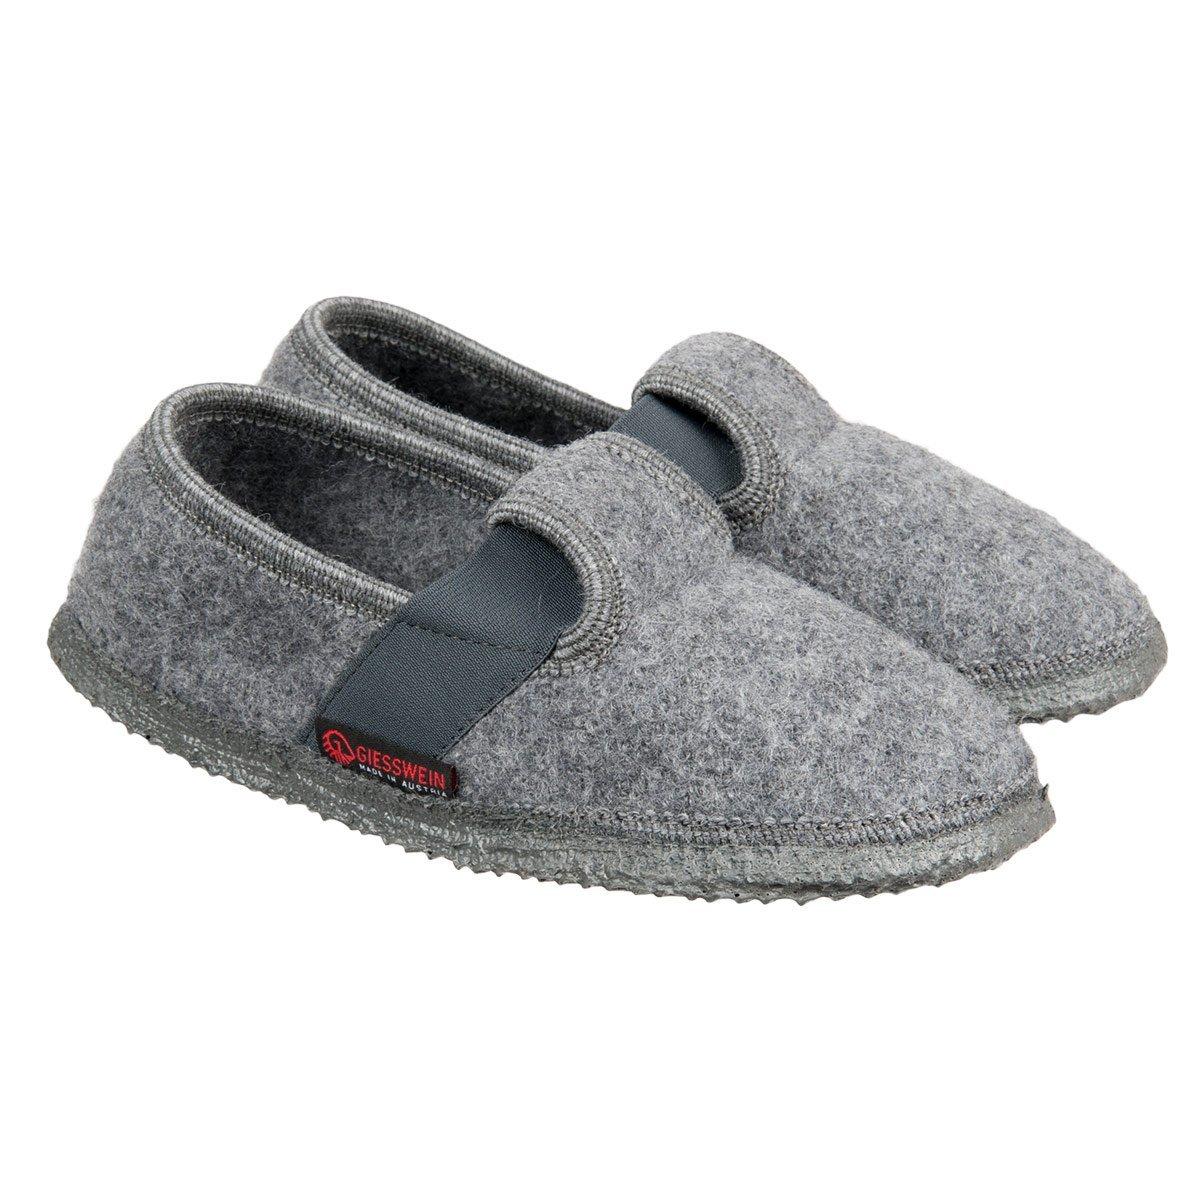 modelli alla moda bellissimo a colori intera collezione Pantofole di lana cotta con suola antiscivolo firmate Giesswein modello  Türnberg